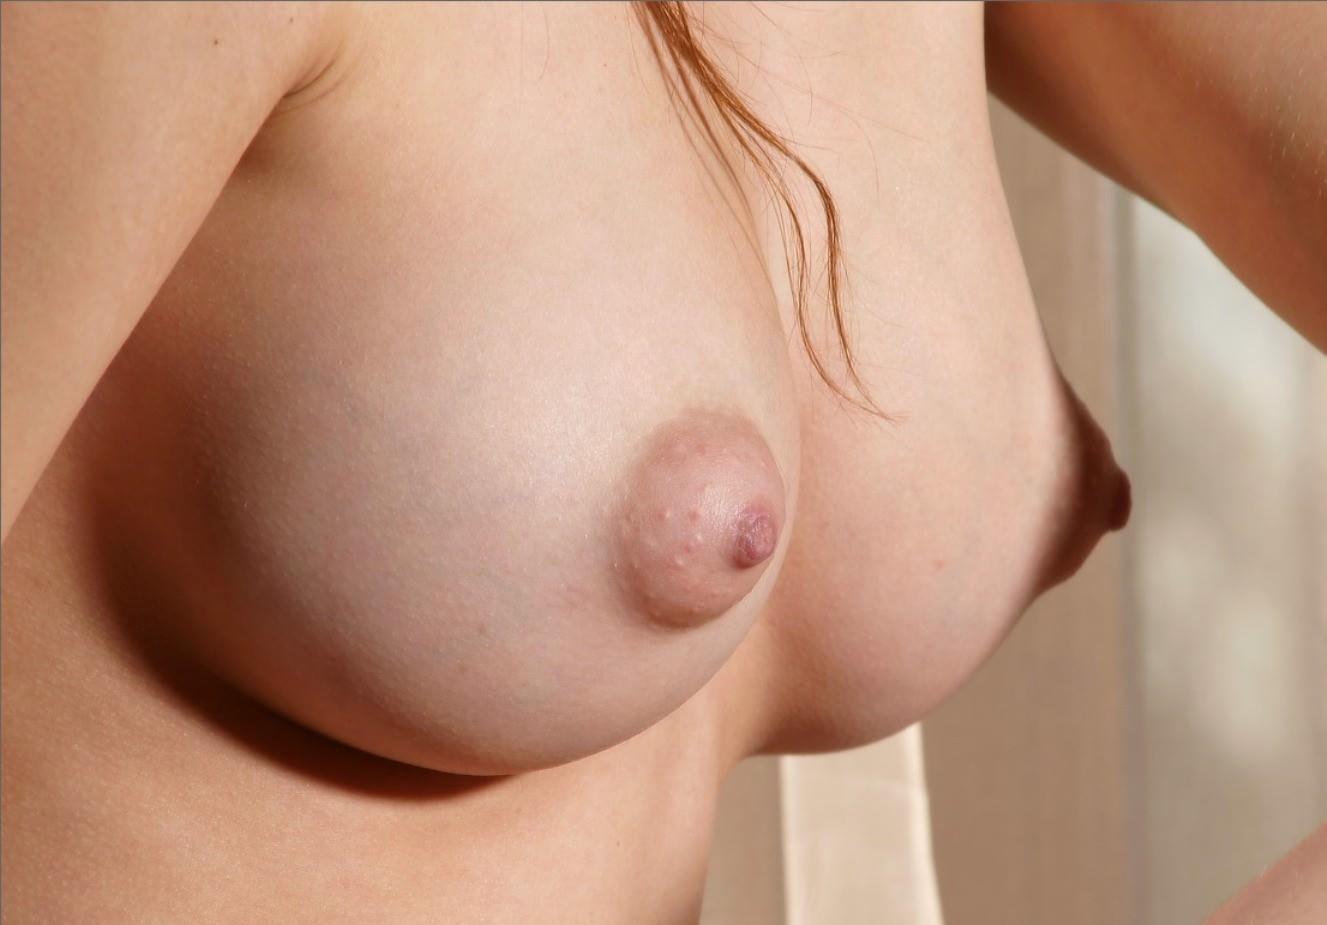 乳輪がぷっくり柔らか膨らんでるwwww若い女子の瑞々しいおっぱいエロ画像 510